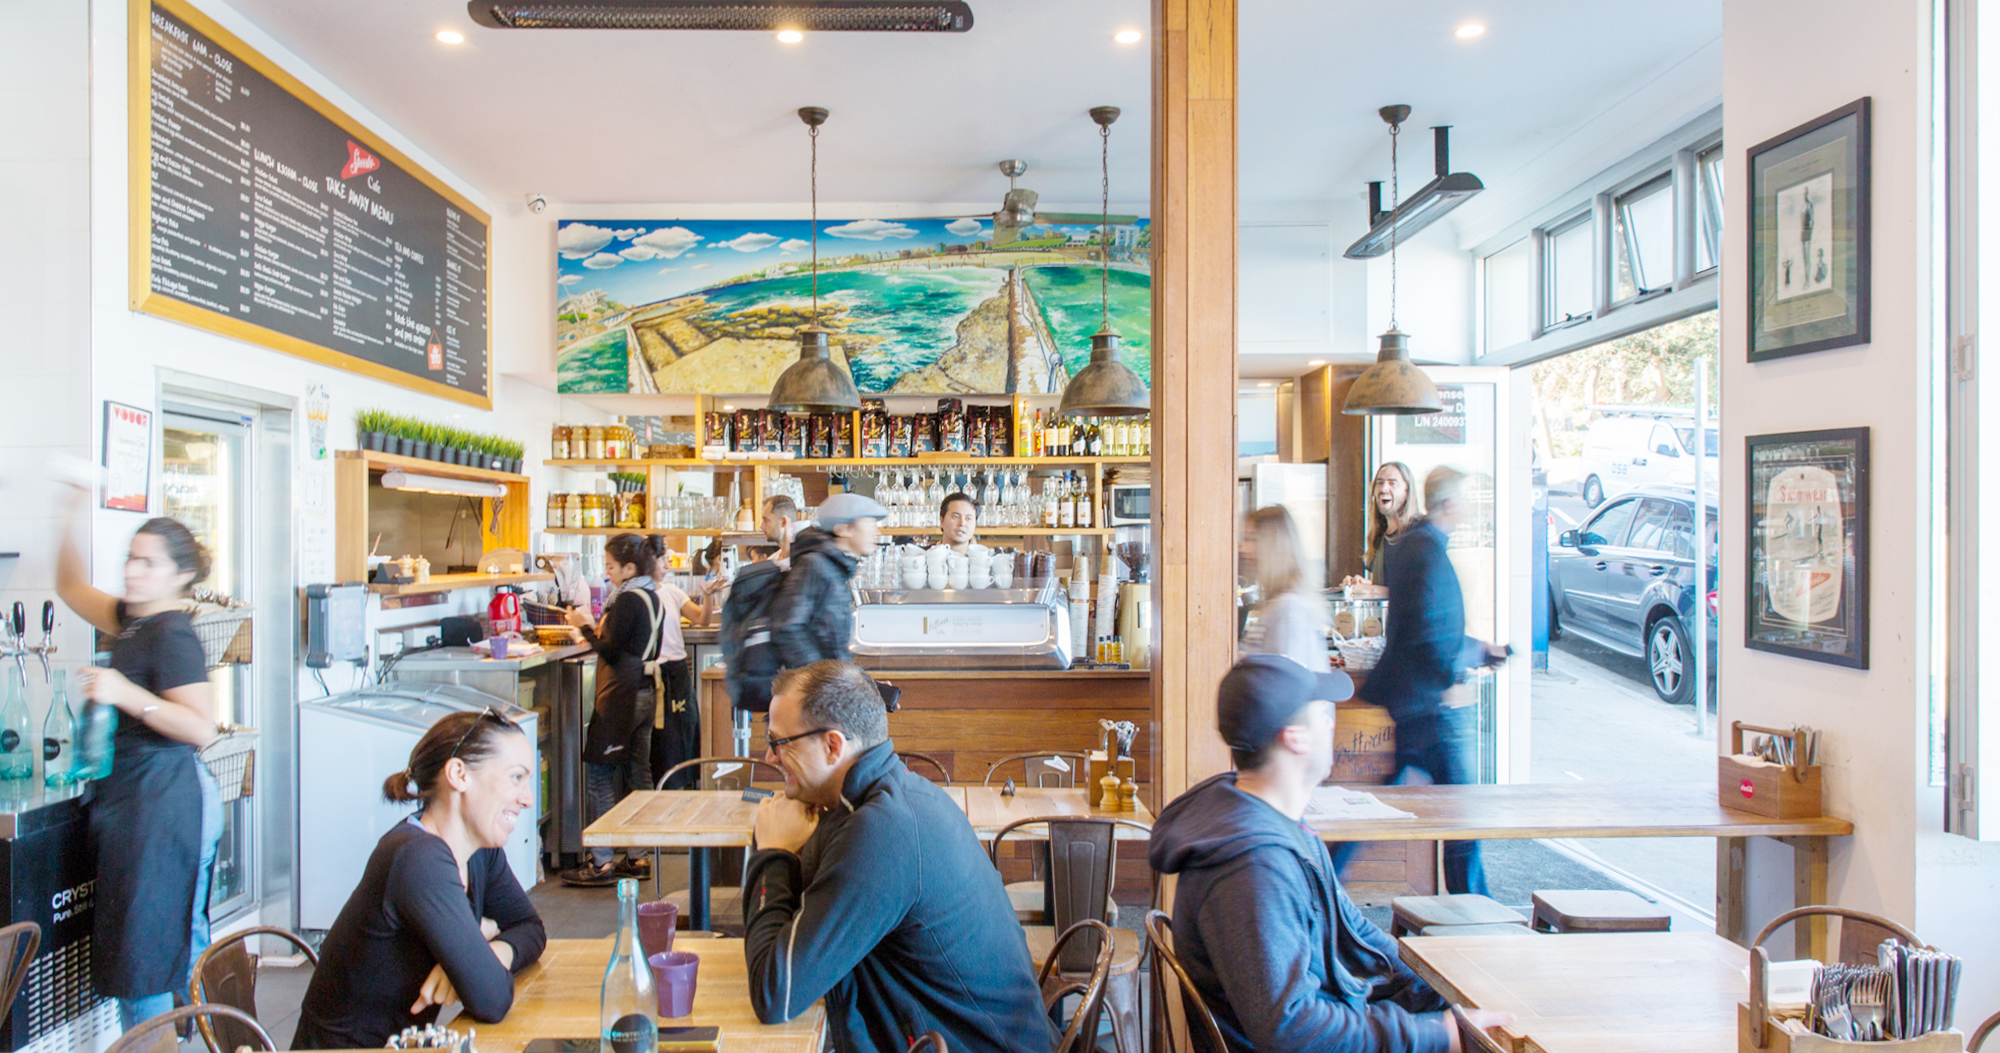 ボンダイビーチが見渡せるローカル・カフェ SPEEDO'S CAFE(スピードス・カフェ)| NORTH BONDI